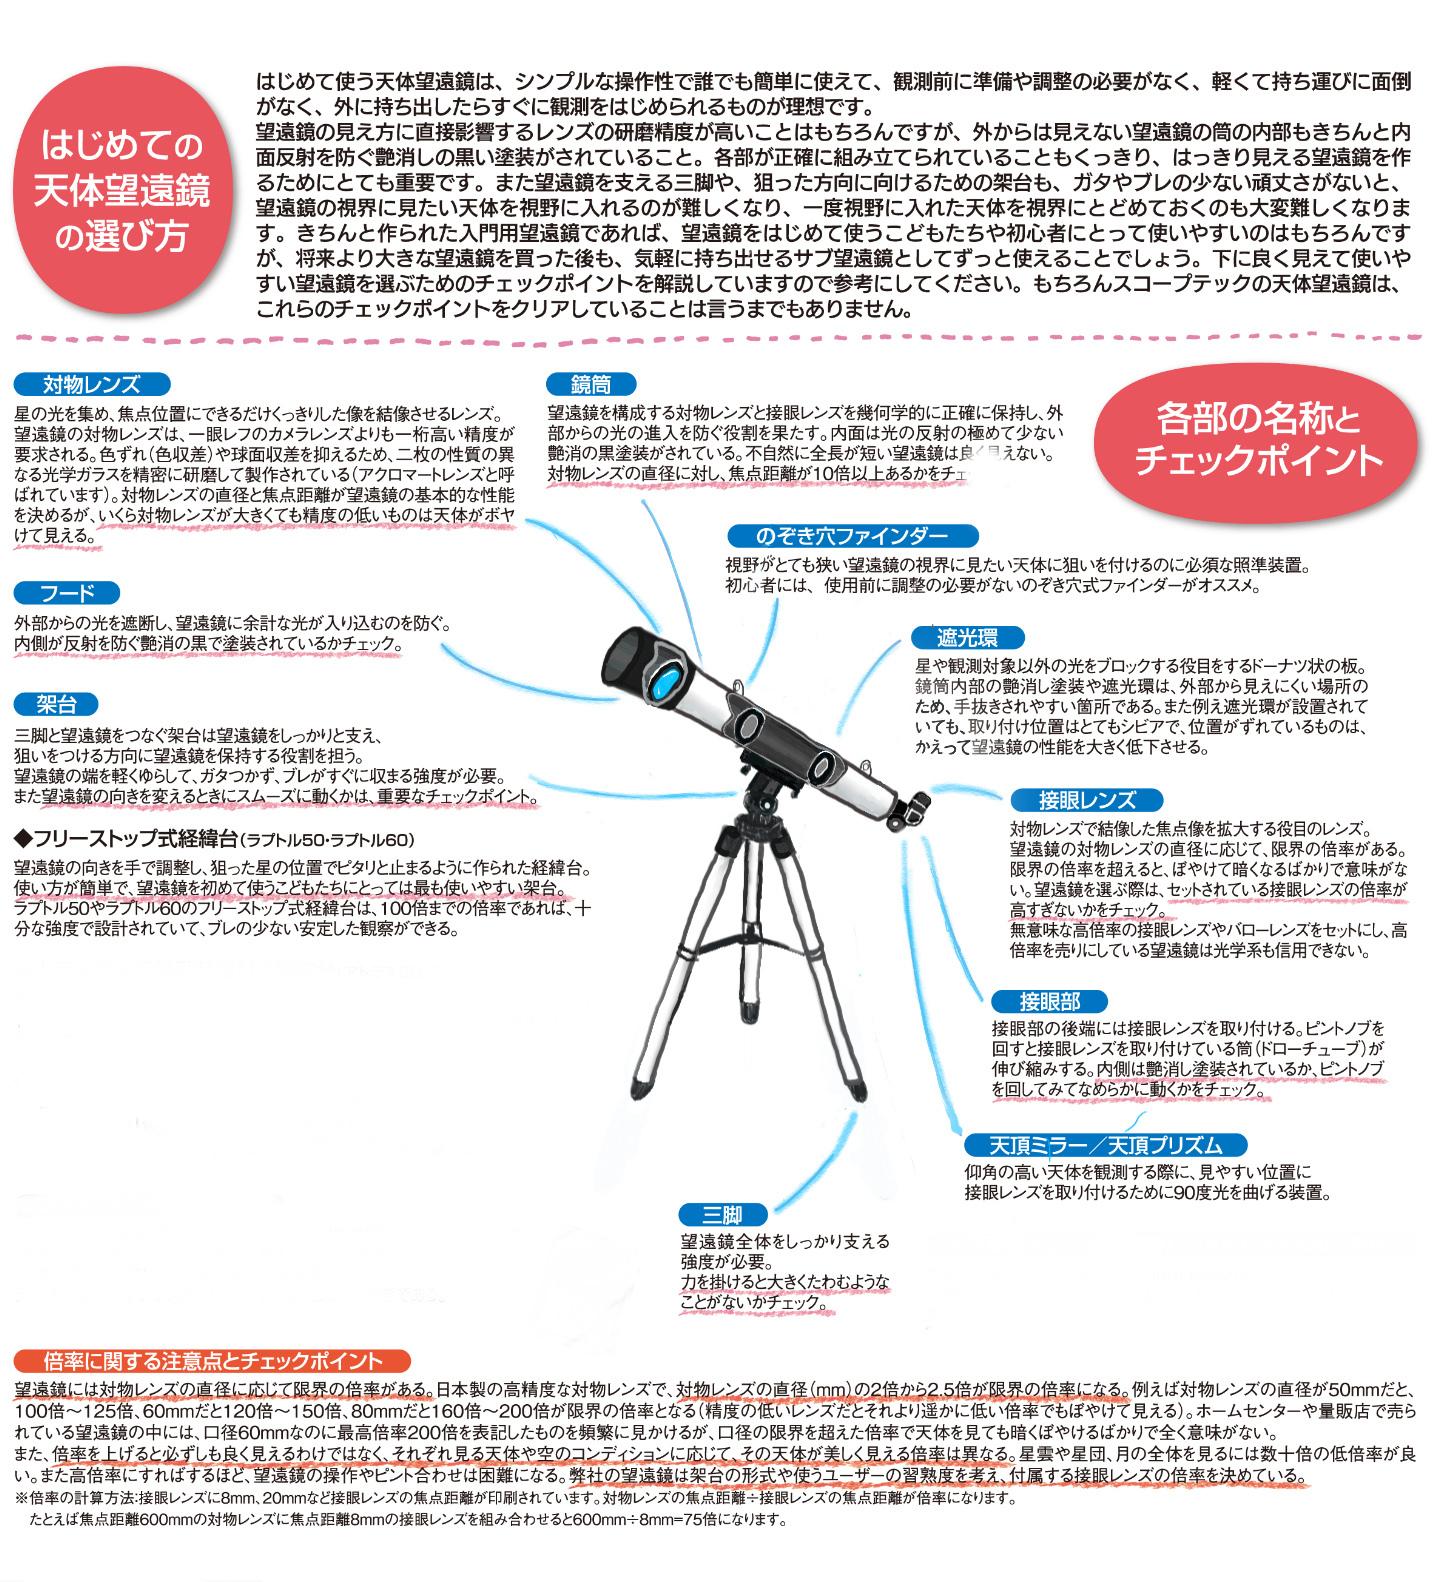 望遠鏡の選び方のポイント